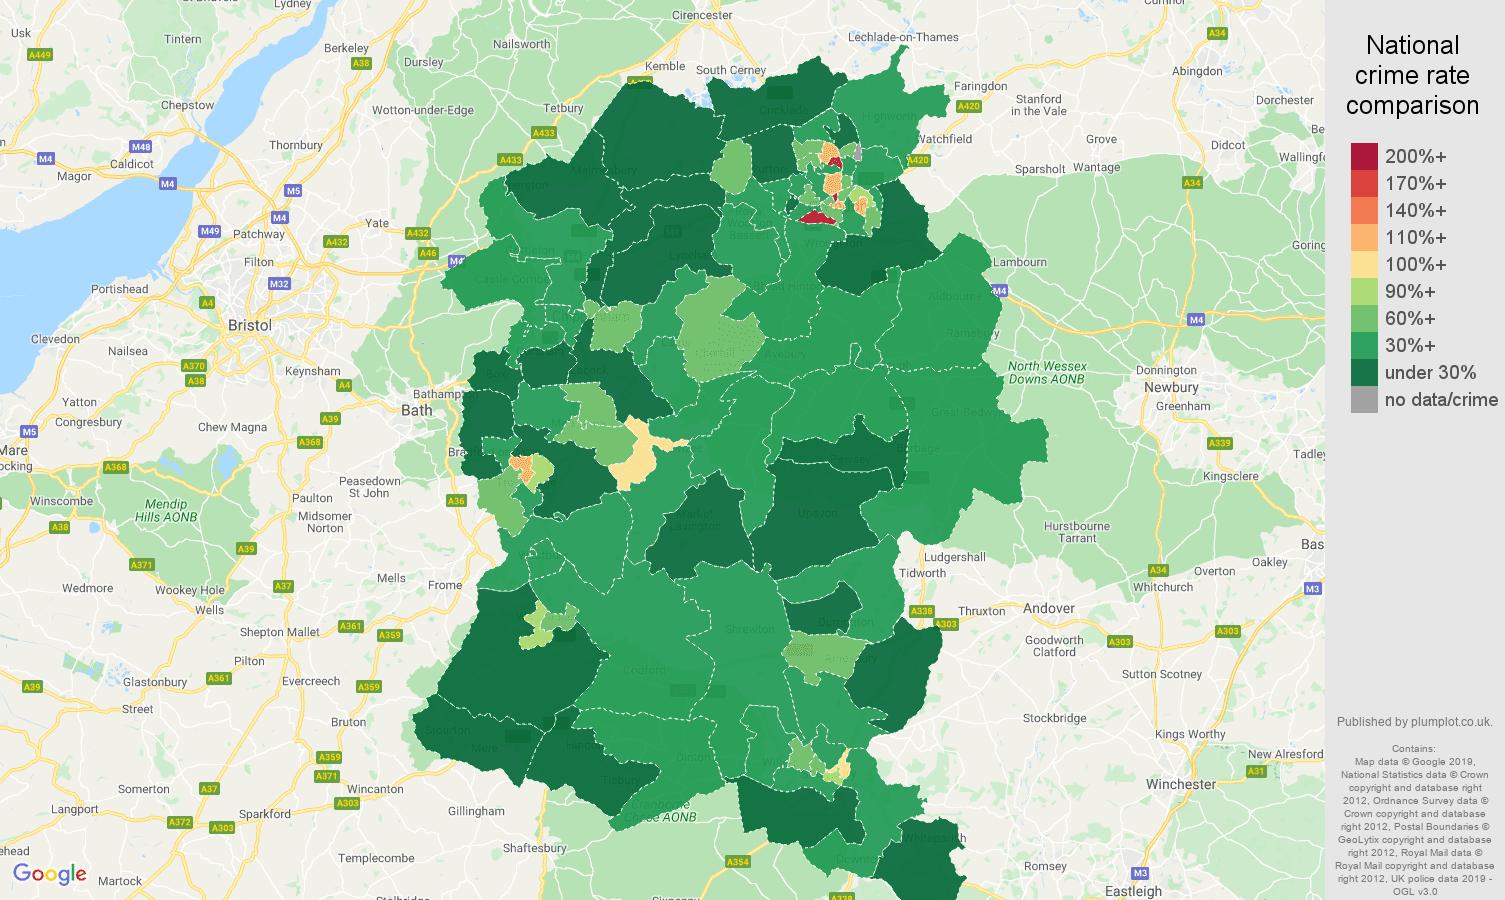 Wiltshire public order crime rate comparison map